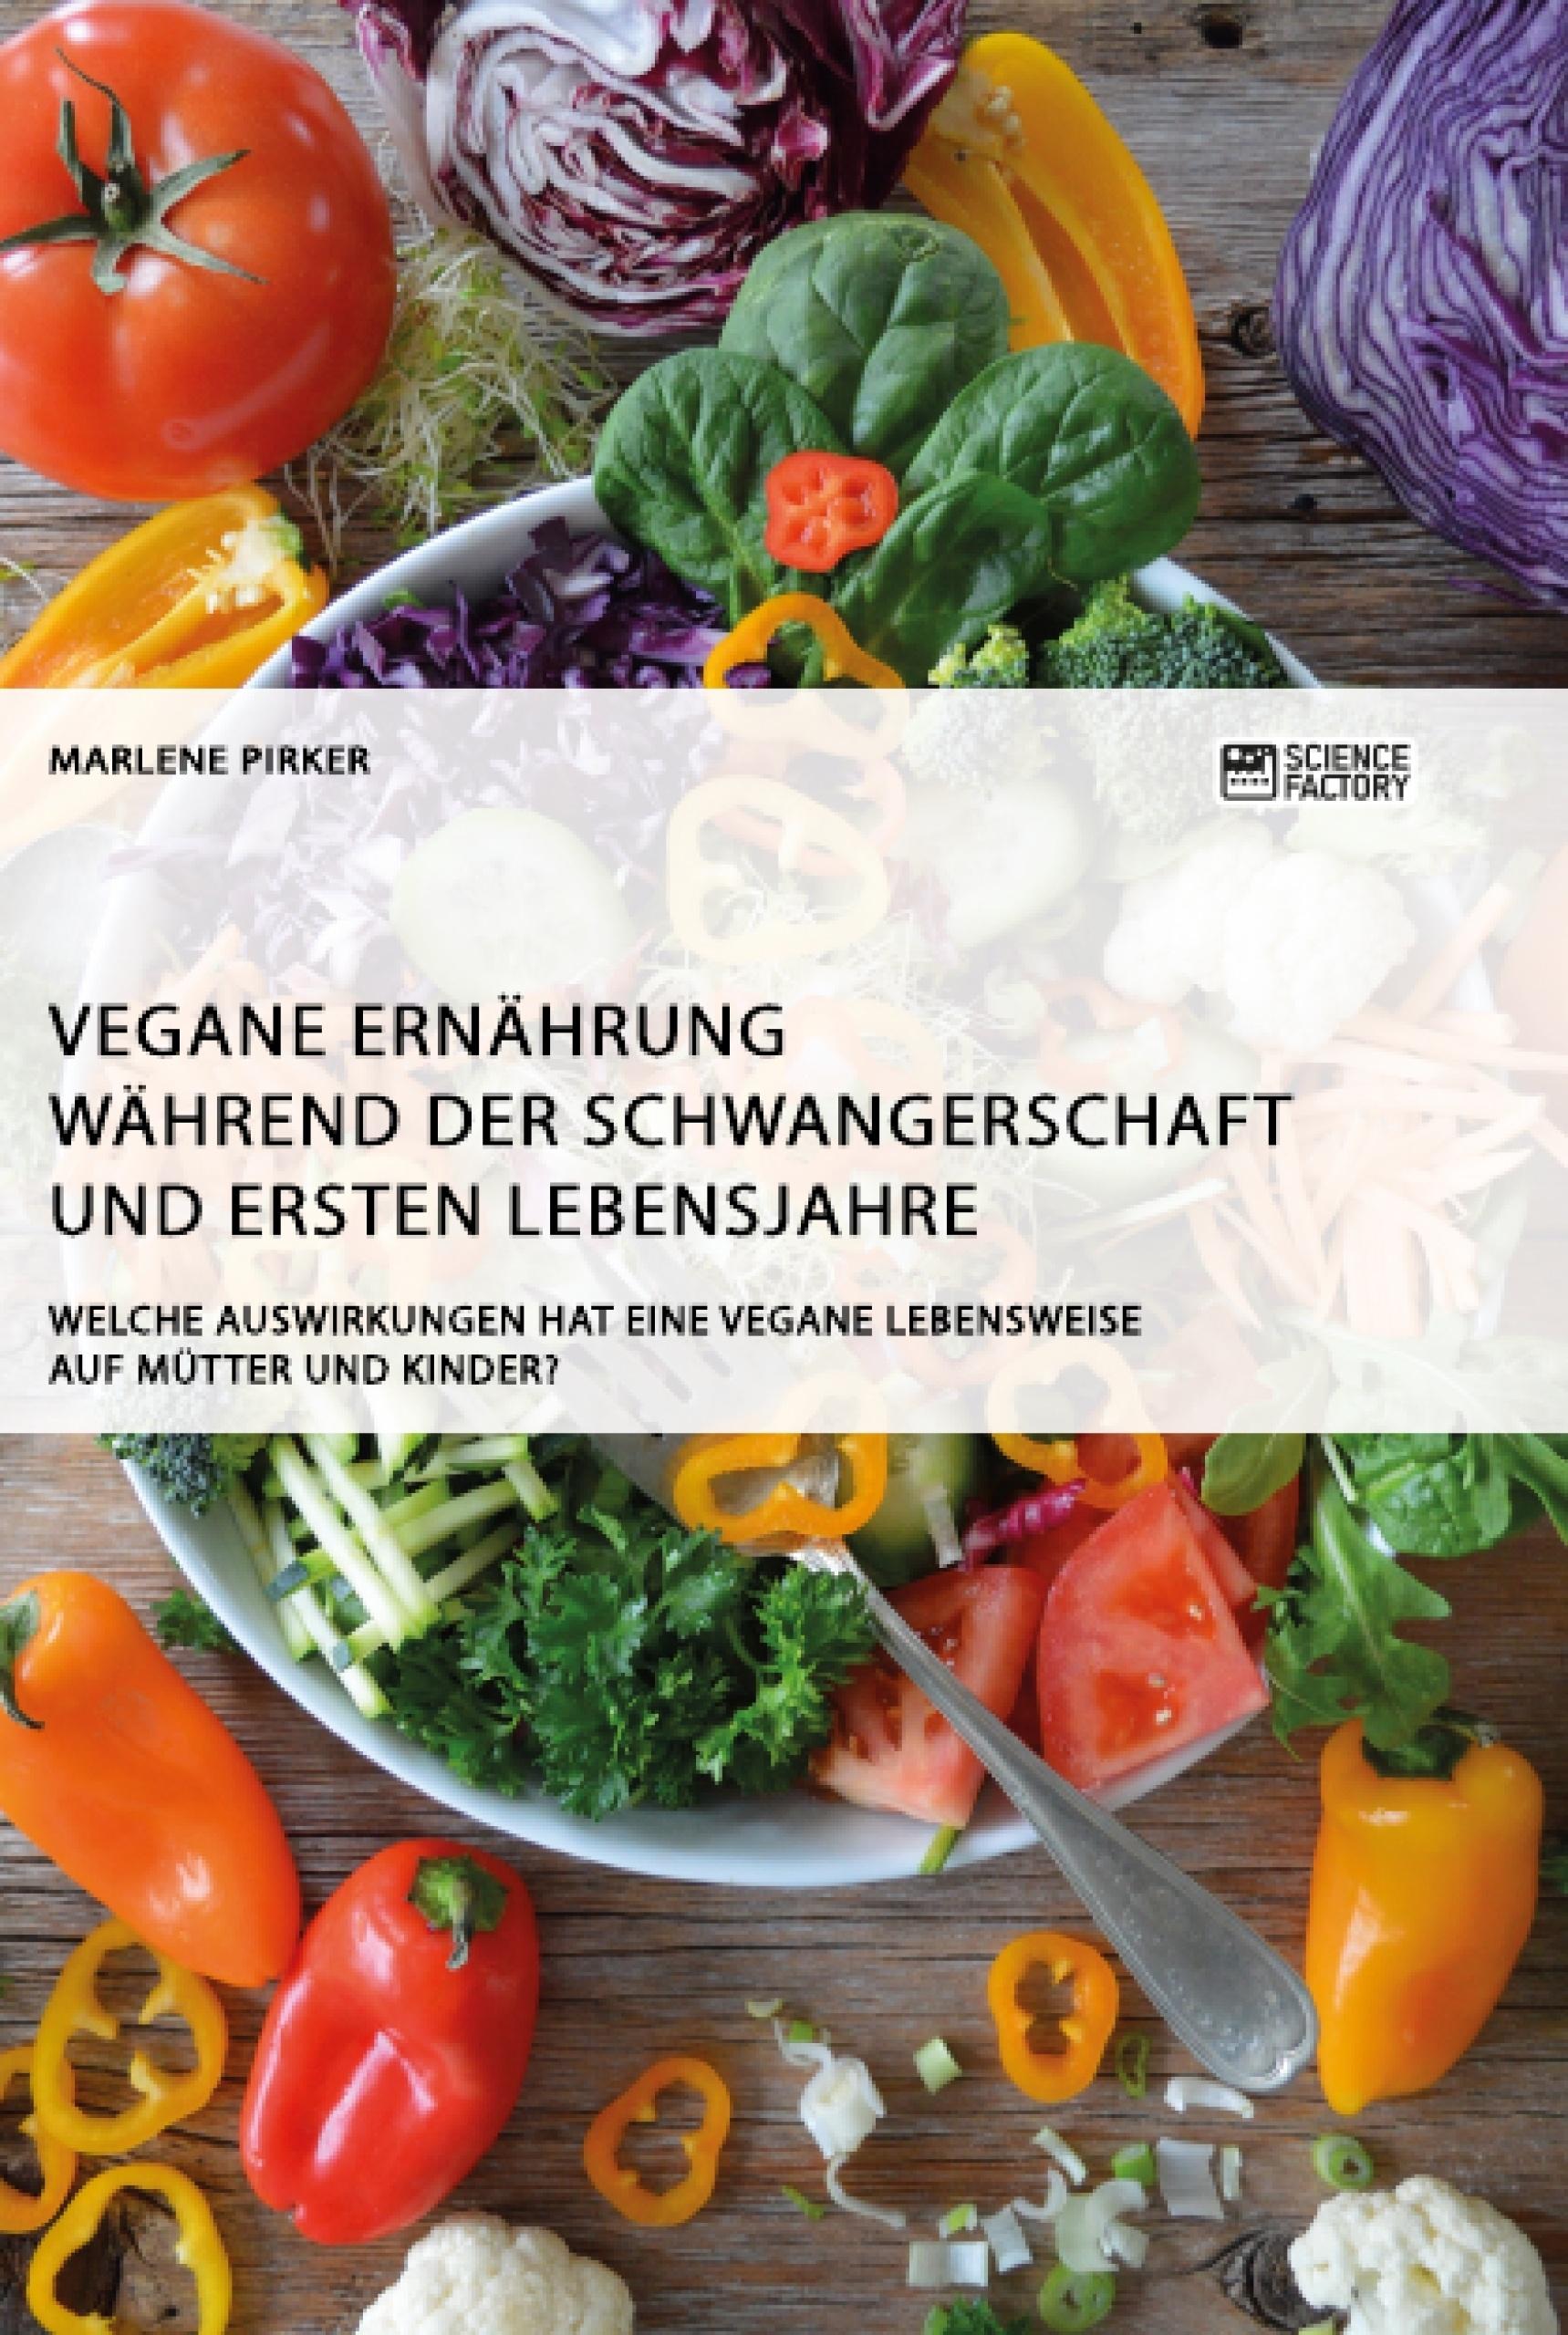 Titel: Vegane Ernährung während der Schwangerschaft und ersten Lebensjahre. Welche Auswirkungen hat eine vegane Lebensweise auf Mütter und Kinder?